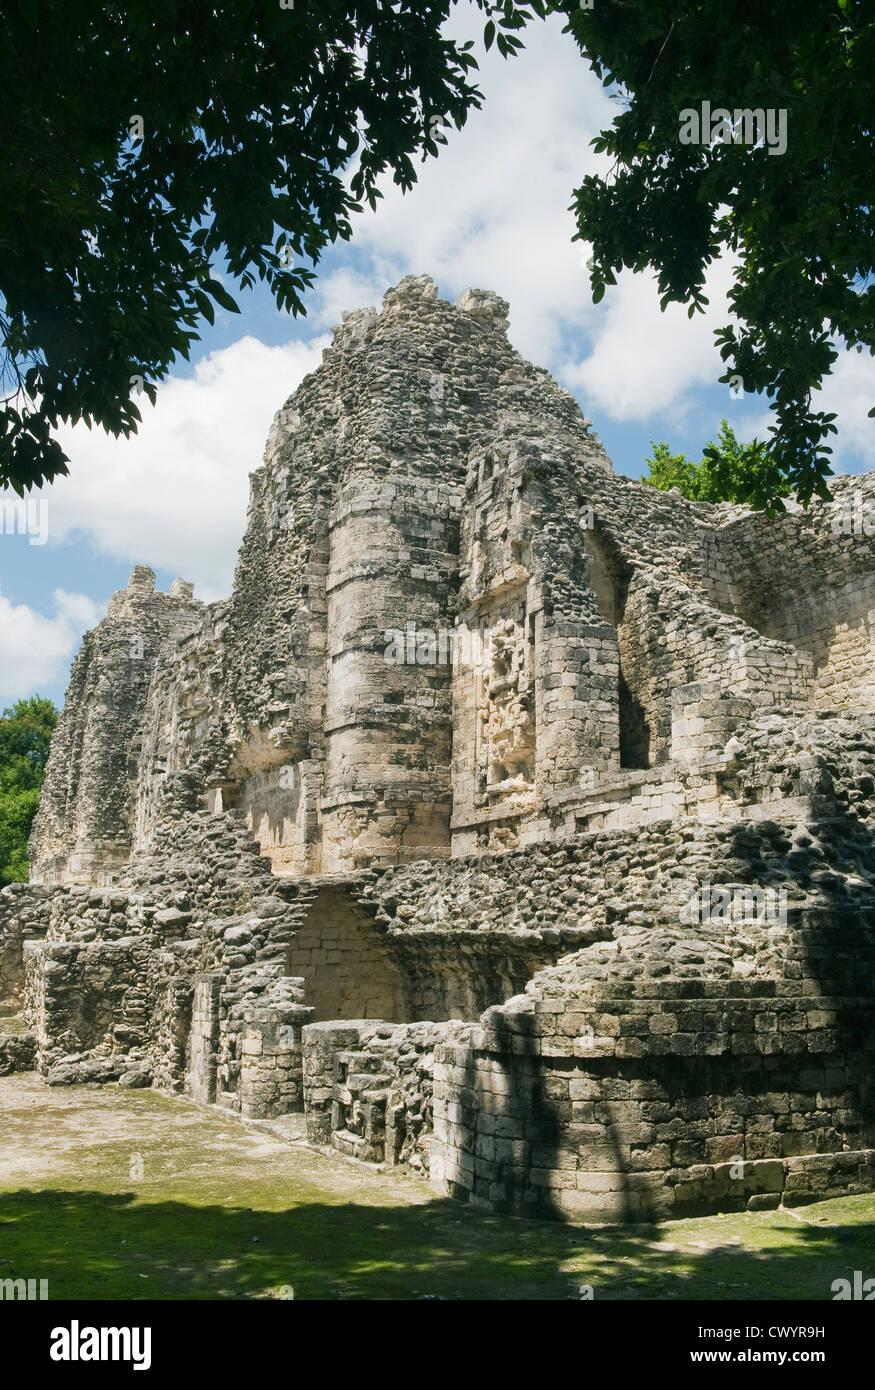 Maya Ruins of Hormiguero near Calakmul Biosphere Reserve, Yucatan Peninsula MEXICO Stock Photo